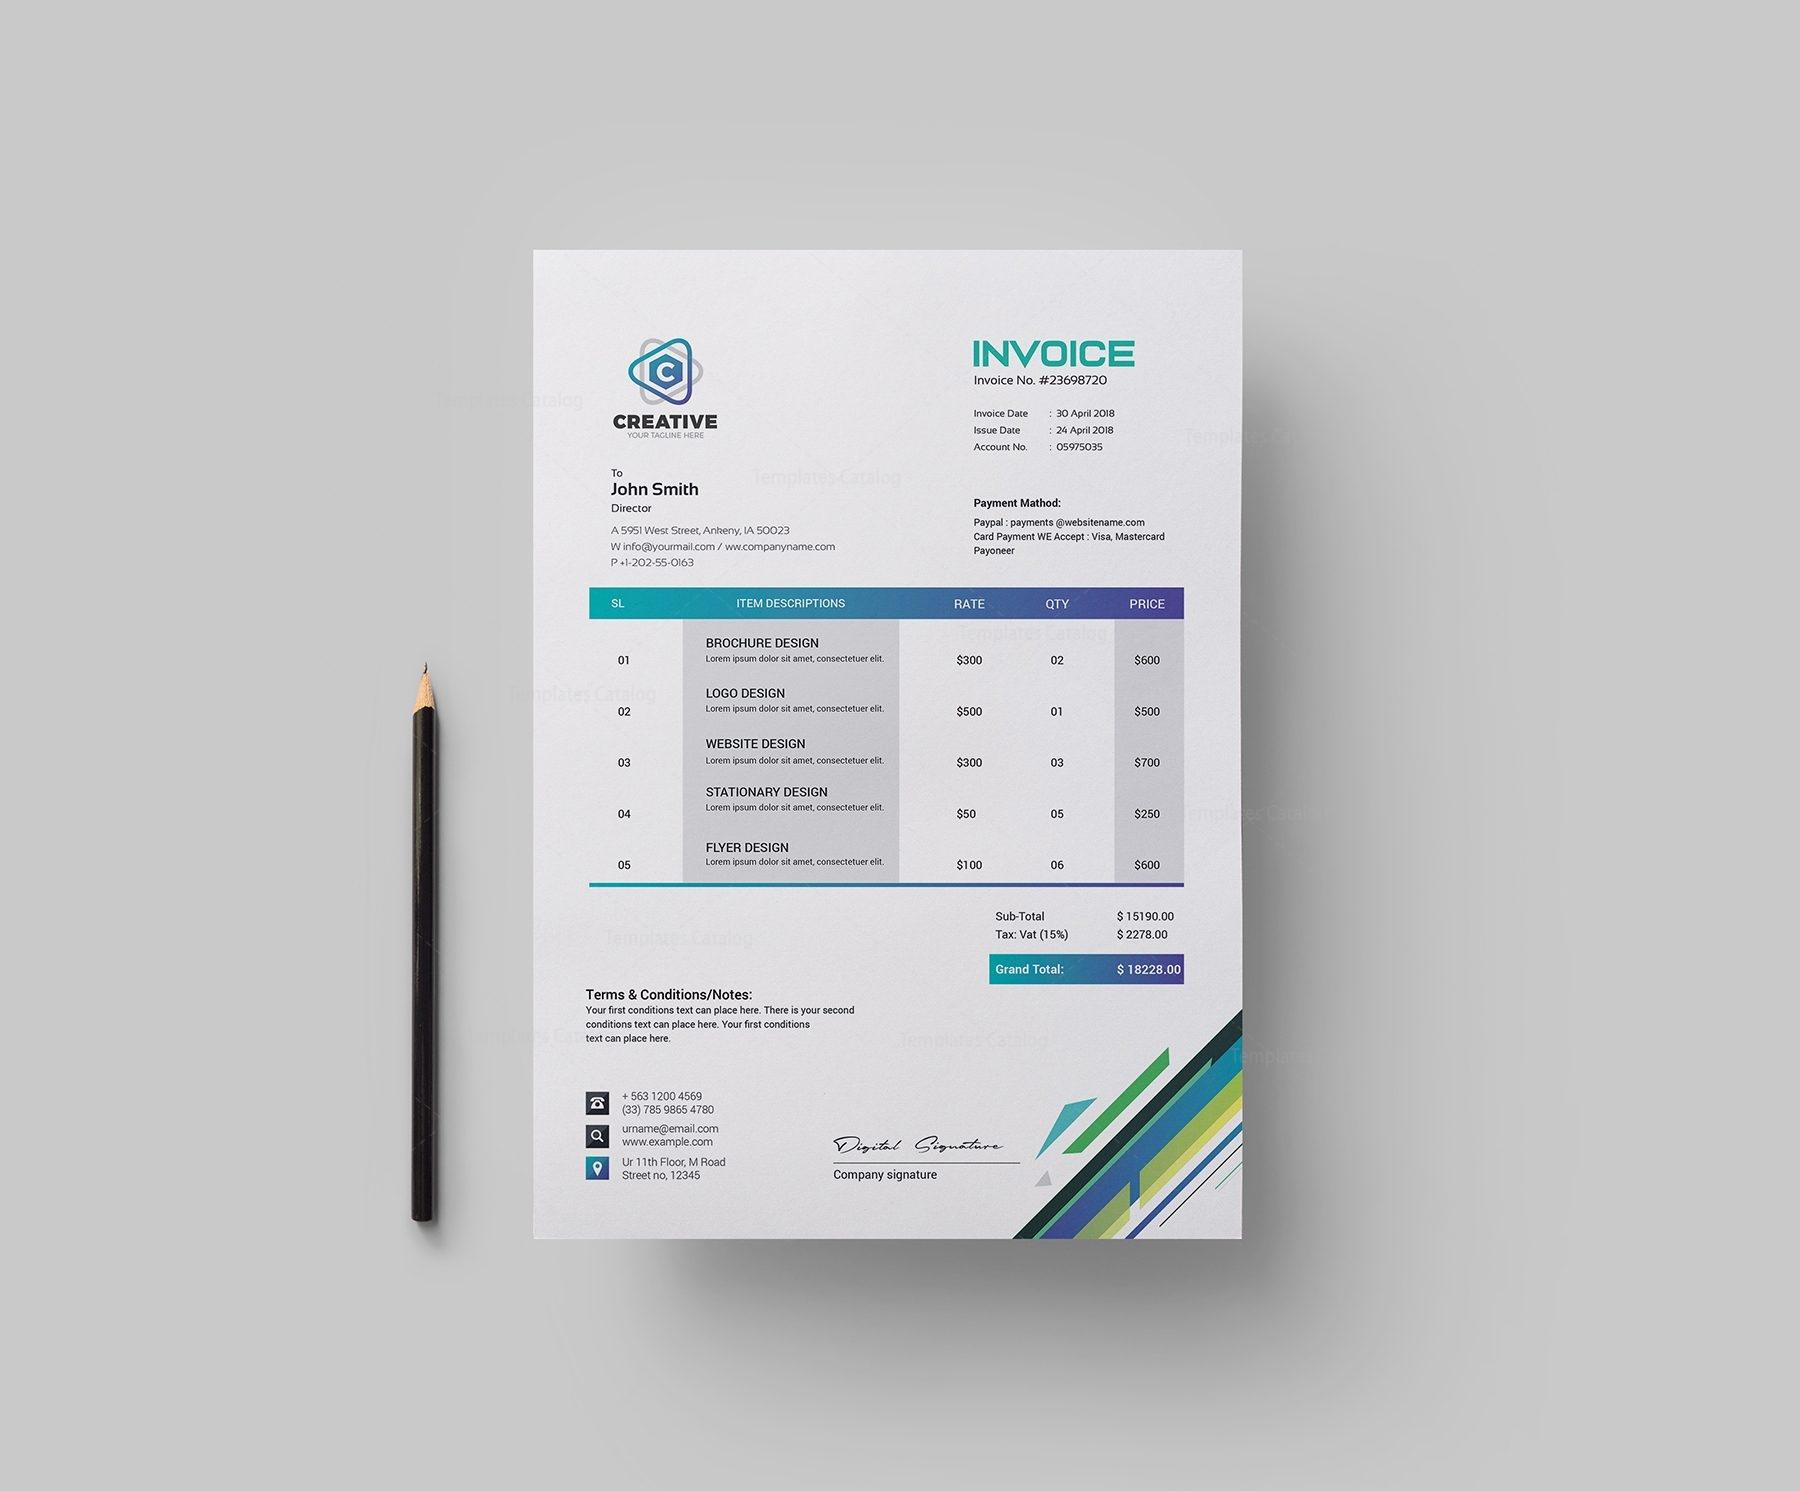 Smart Corporate Invoice Design Template 002148 Template Catalog